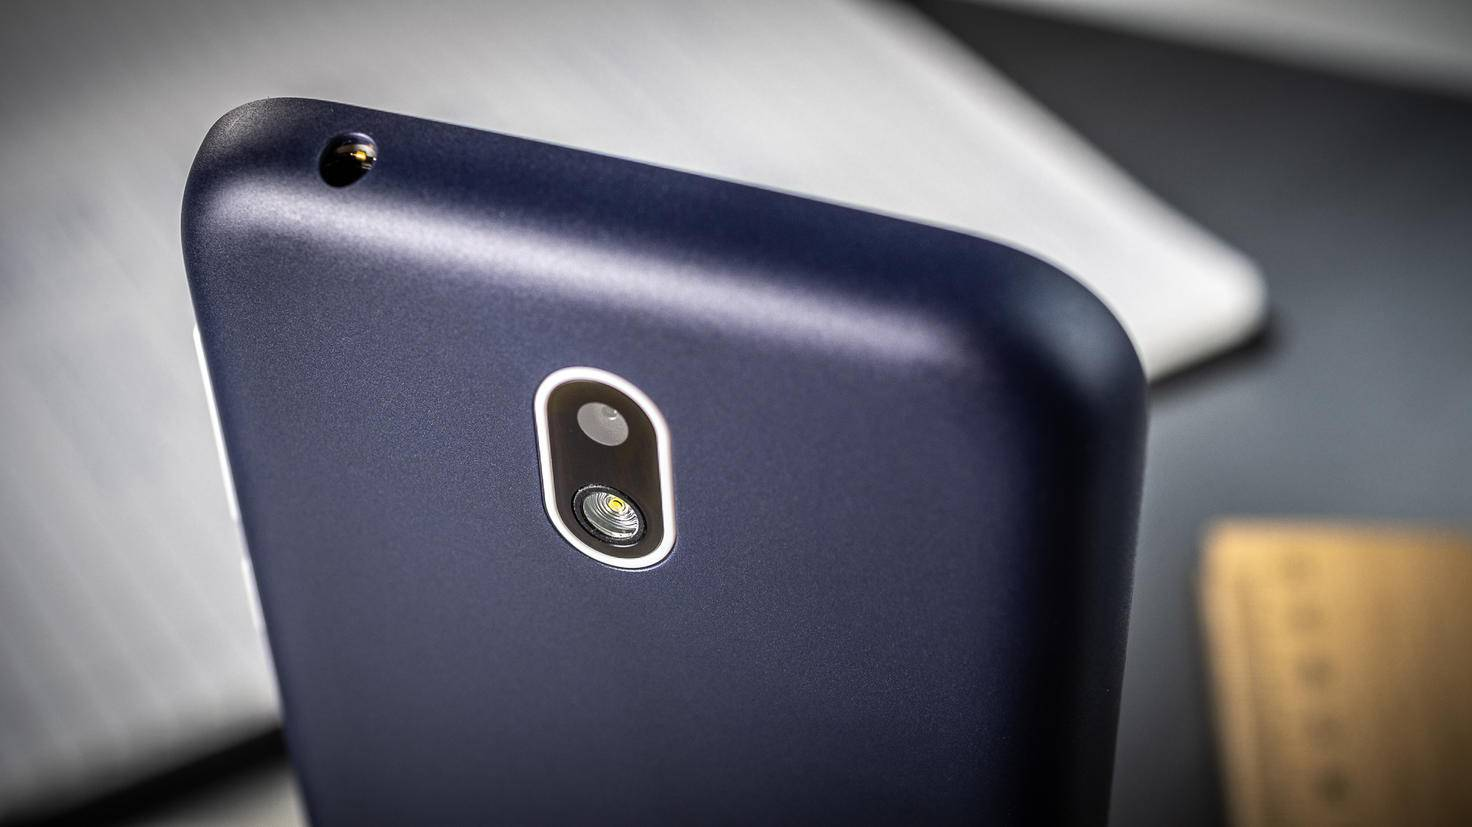 Auf der Rückseite gibt es eine 5-Megapixel-Kamera.